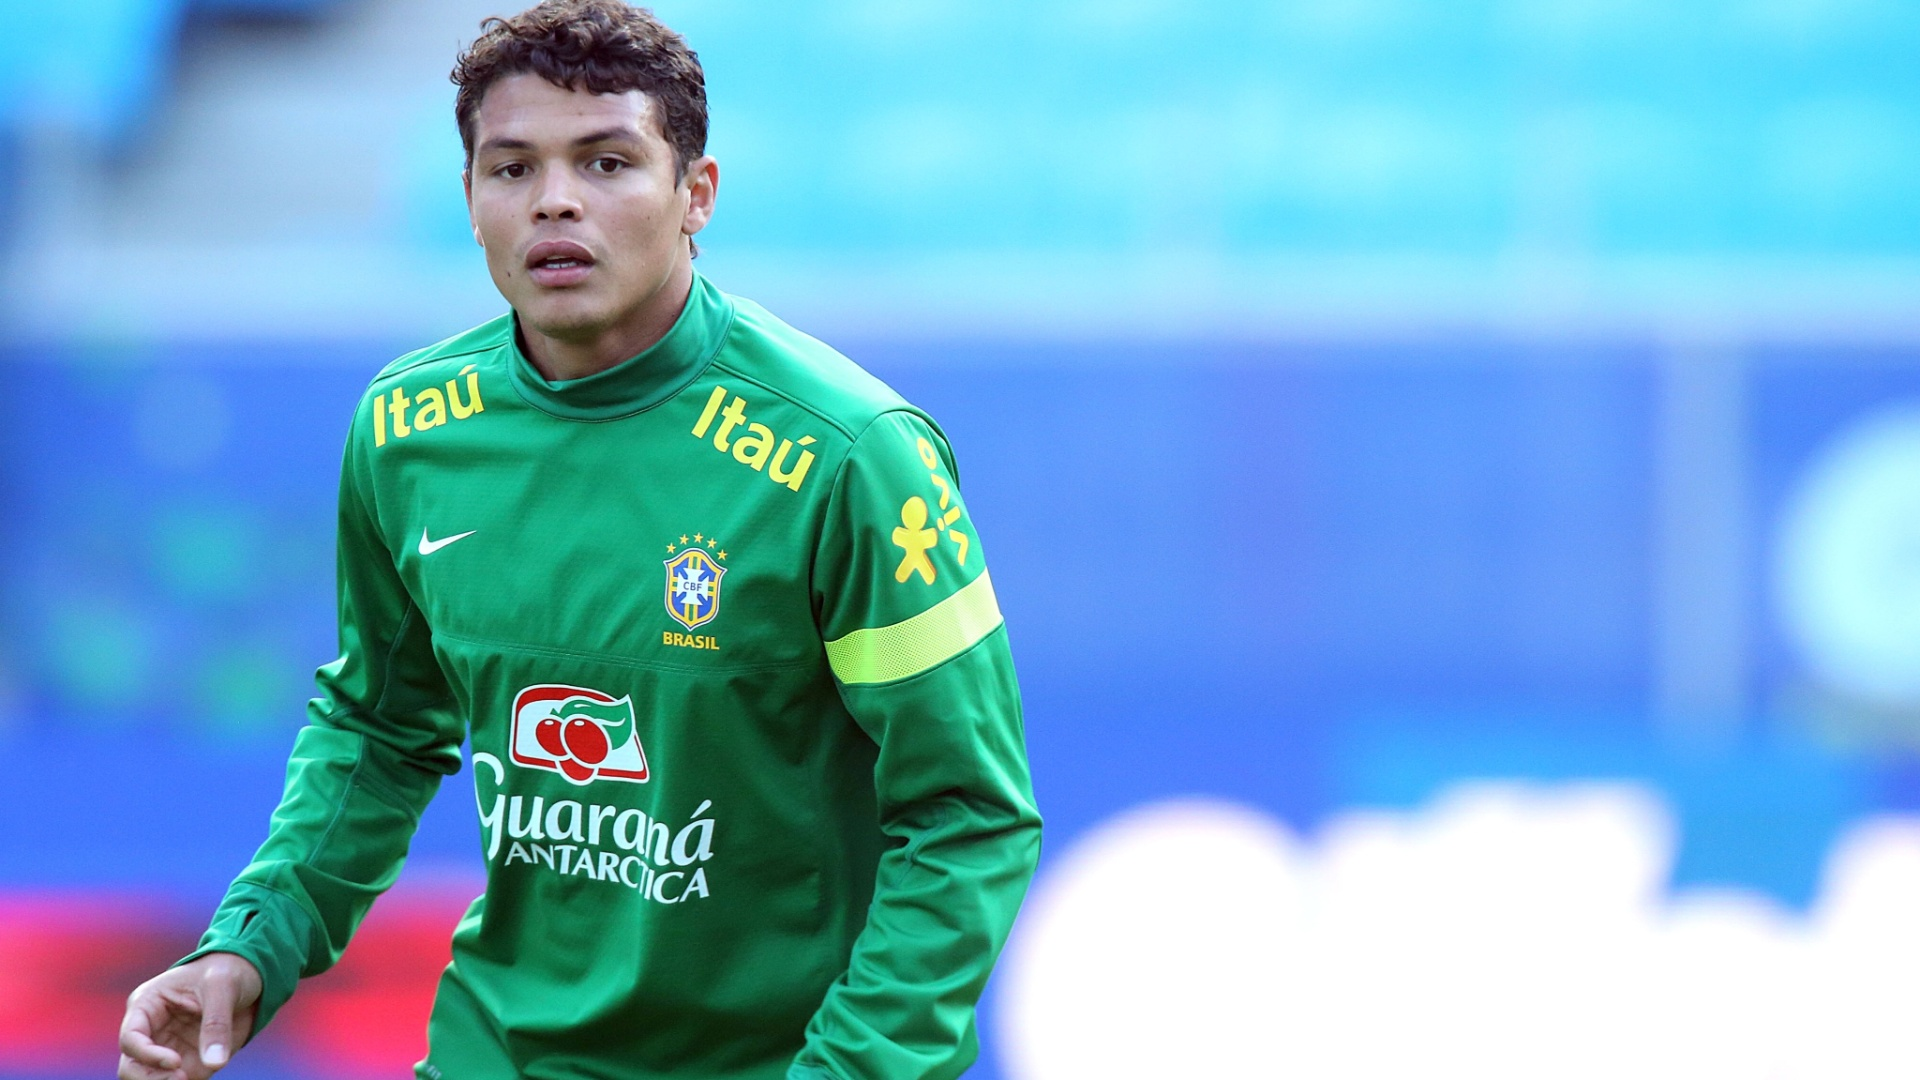 Zagueiro Thiago Silva em treino da seleção brasileira em Porto Alegre